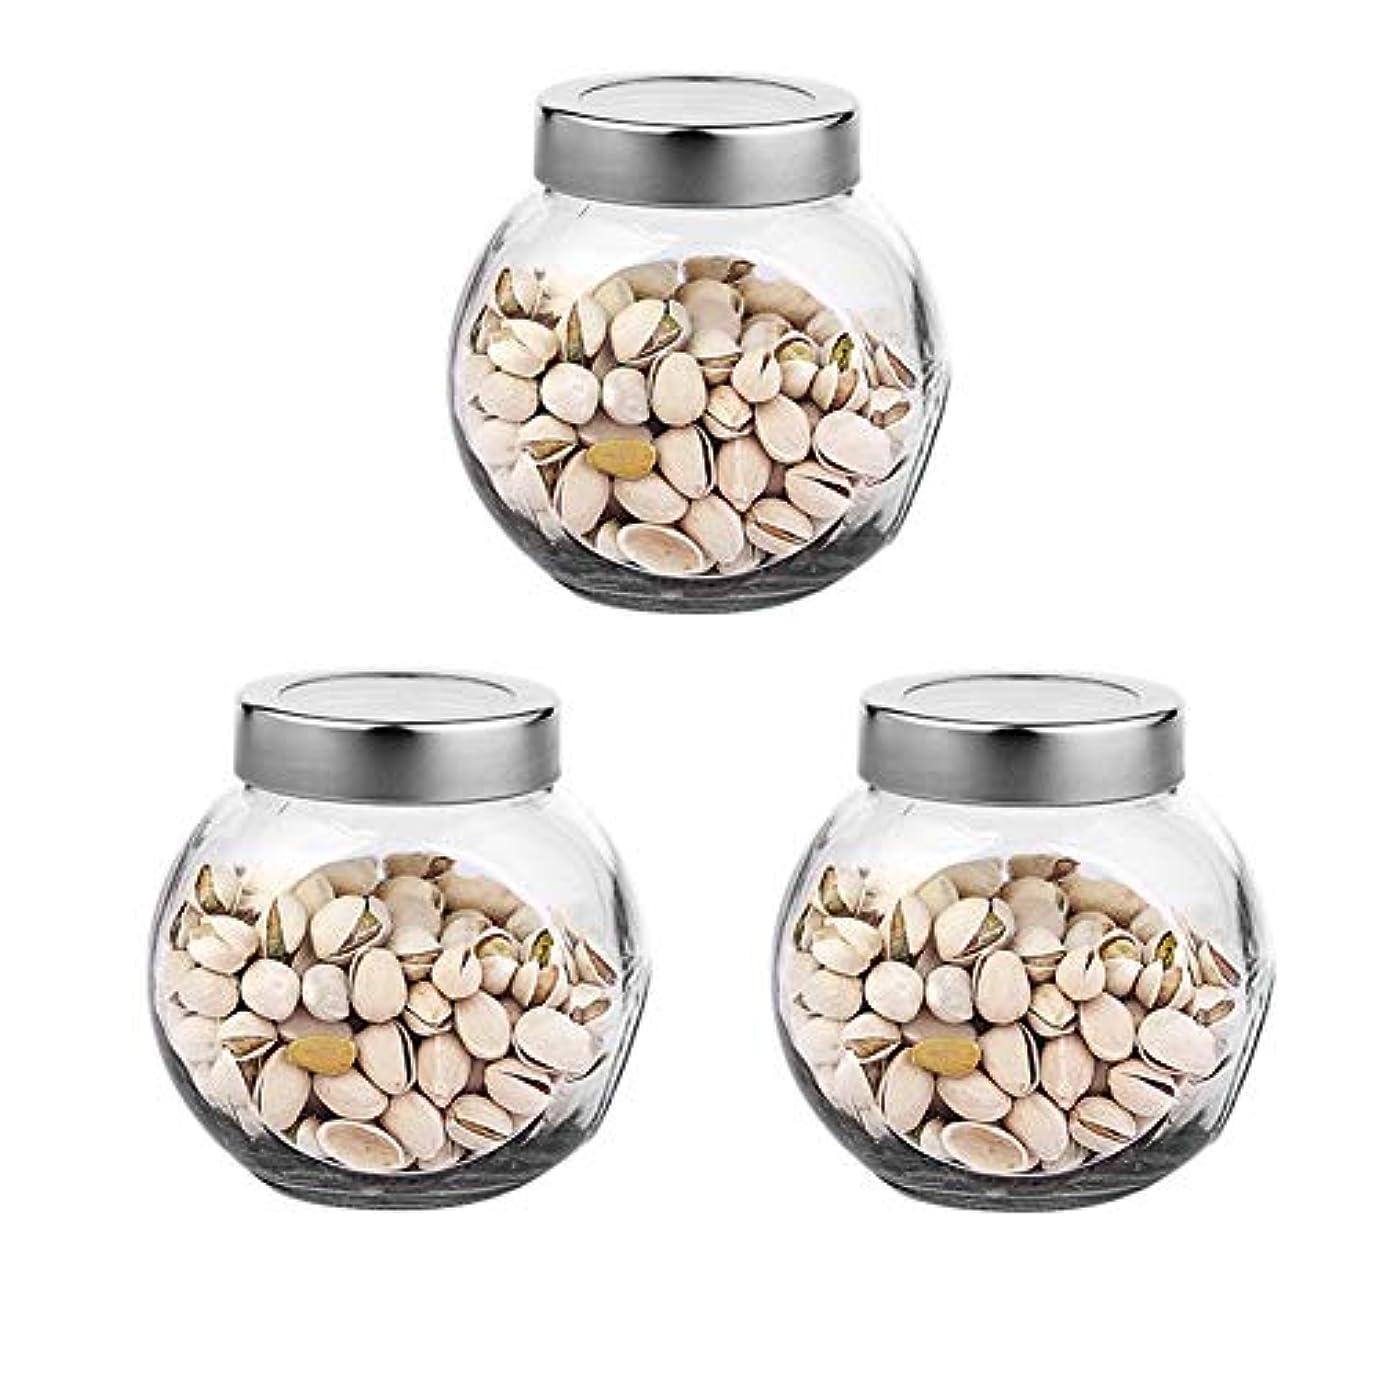 ラック対人争う3つの透明ガラス貯蔵容器茶/季節密封缶の貯蔵瓶パック(650 ml)